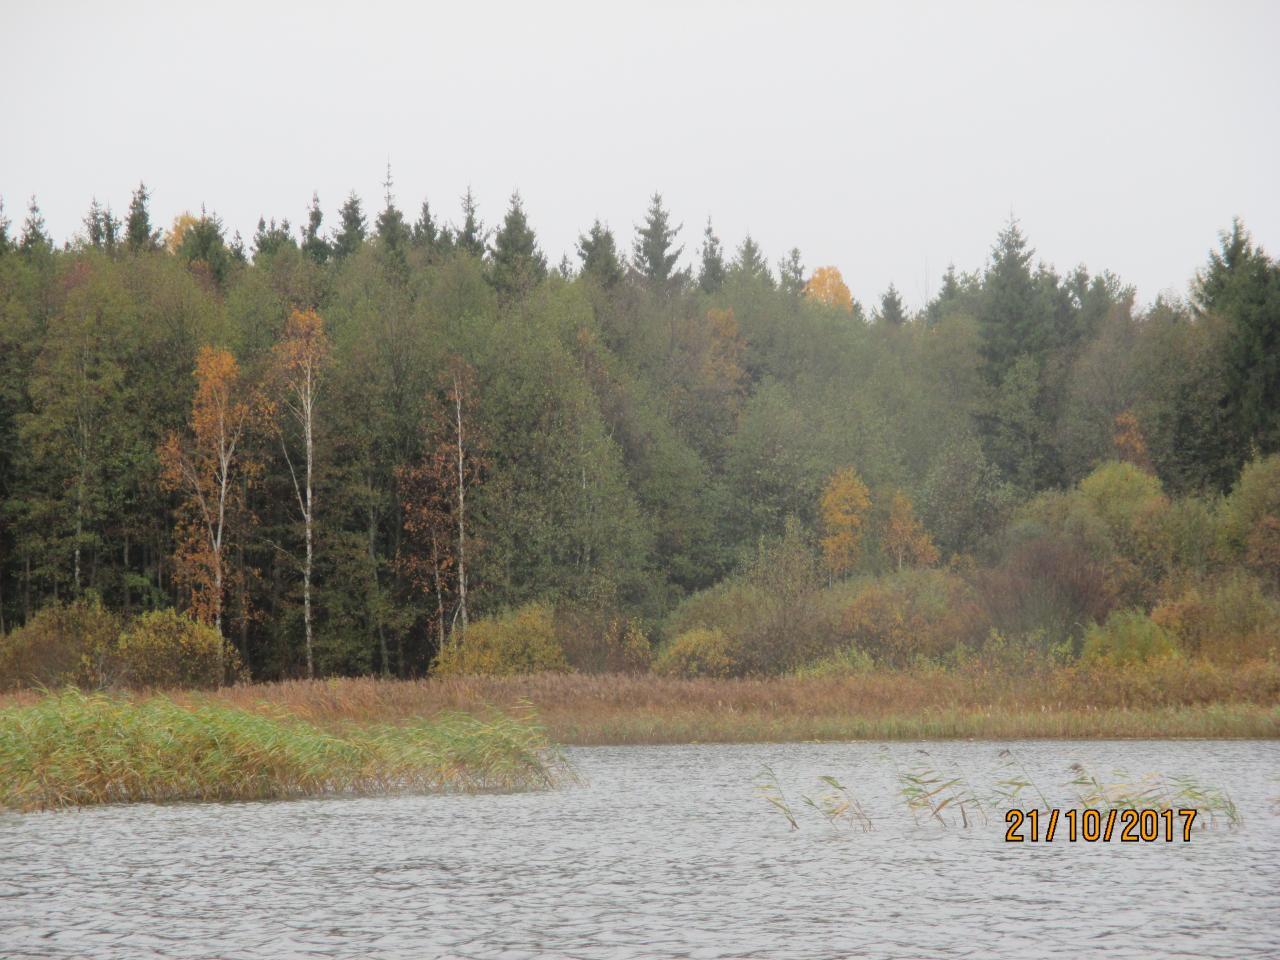 Суббота , вечер, тепло, сухо, сытно, лёгкая усталость ... | Отчеты о рыбалке в Беларуси